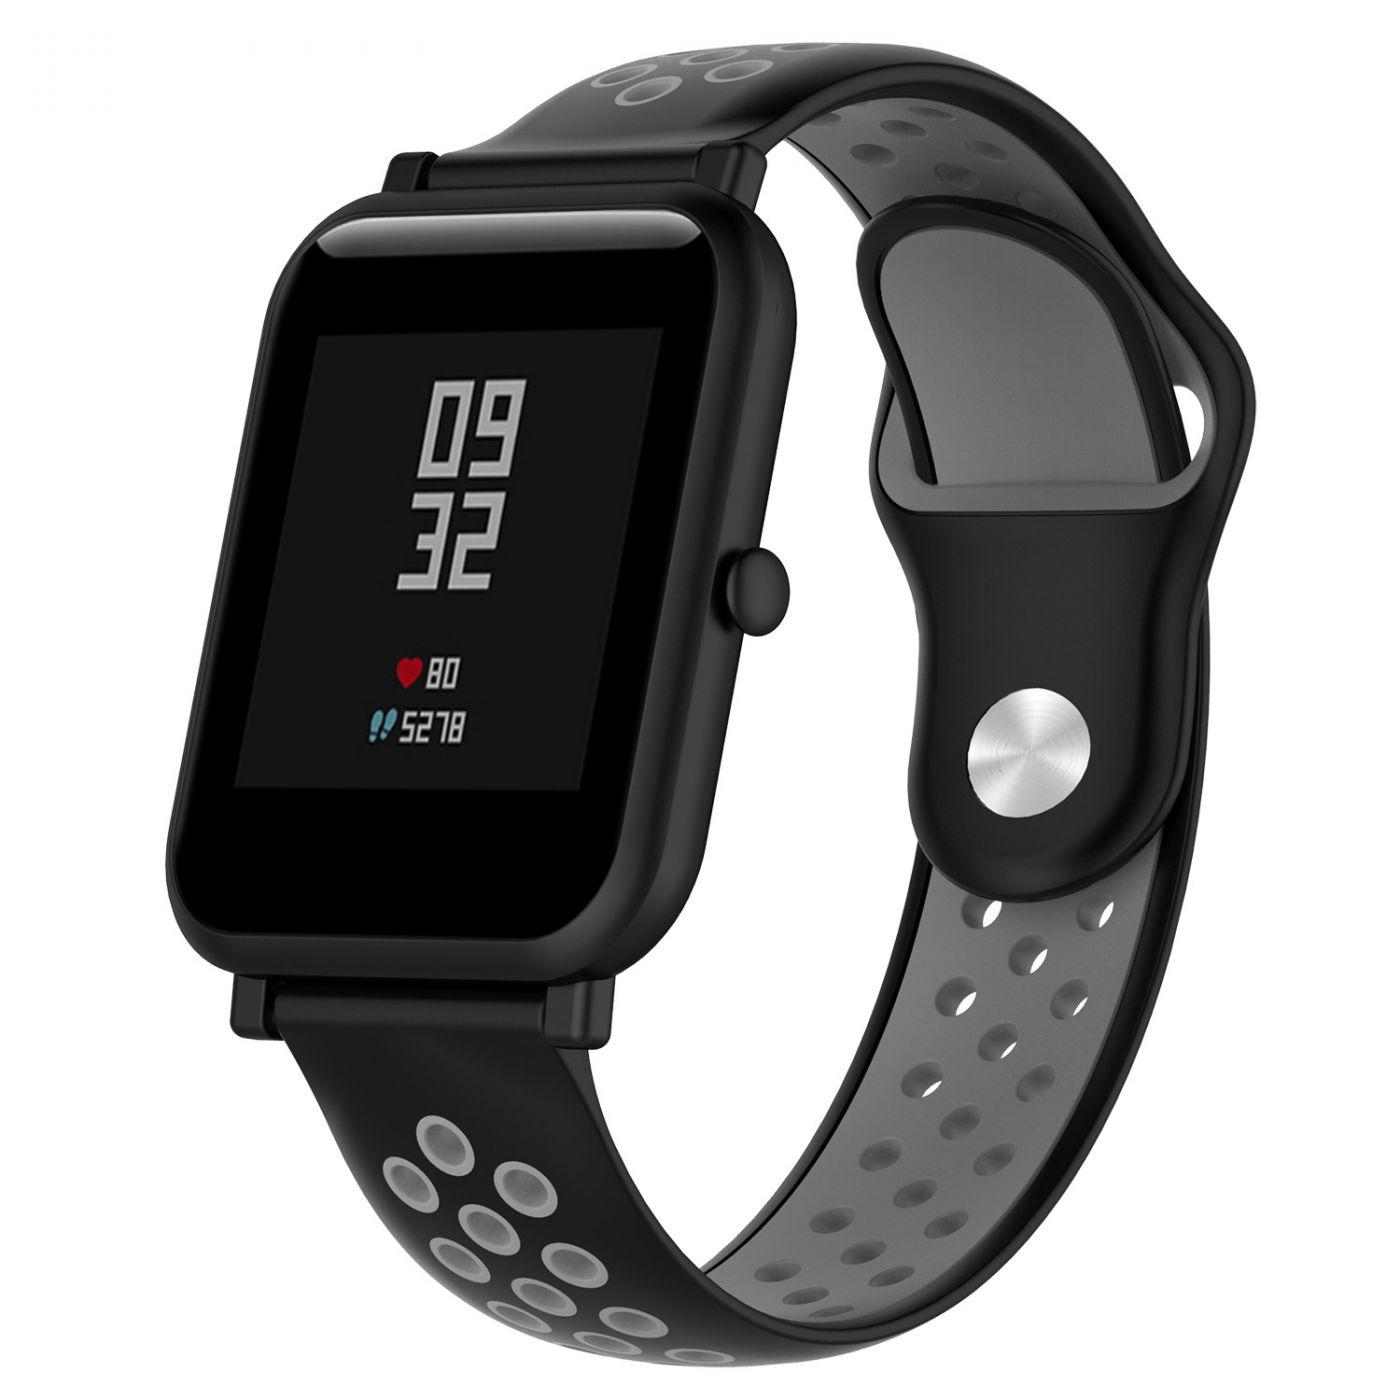 Сменный ремешок для Умных часов  Amazfit Bip Smartwatch (Черный - Серый)